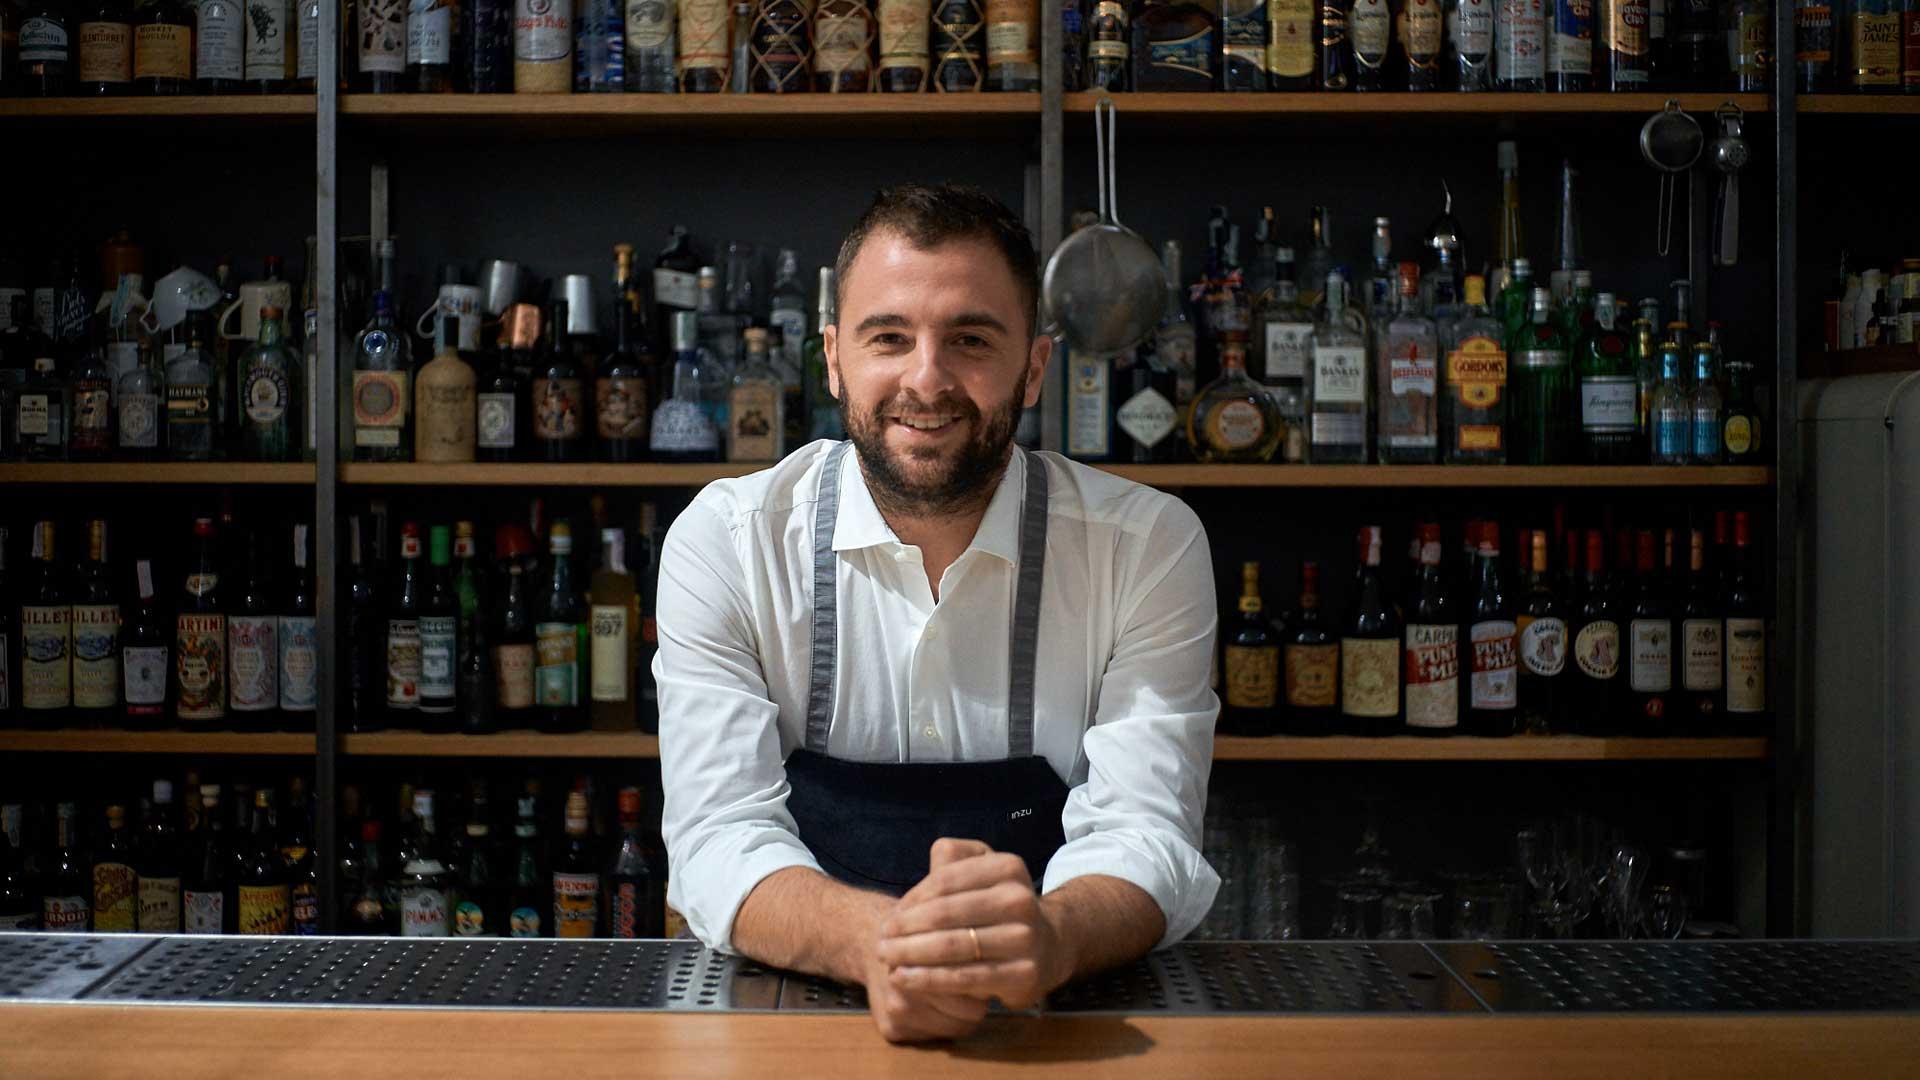 I-cocktail-mondiali-Federico-Mastellari-World-Cocktail-Day-Coqtail-Milano